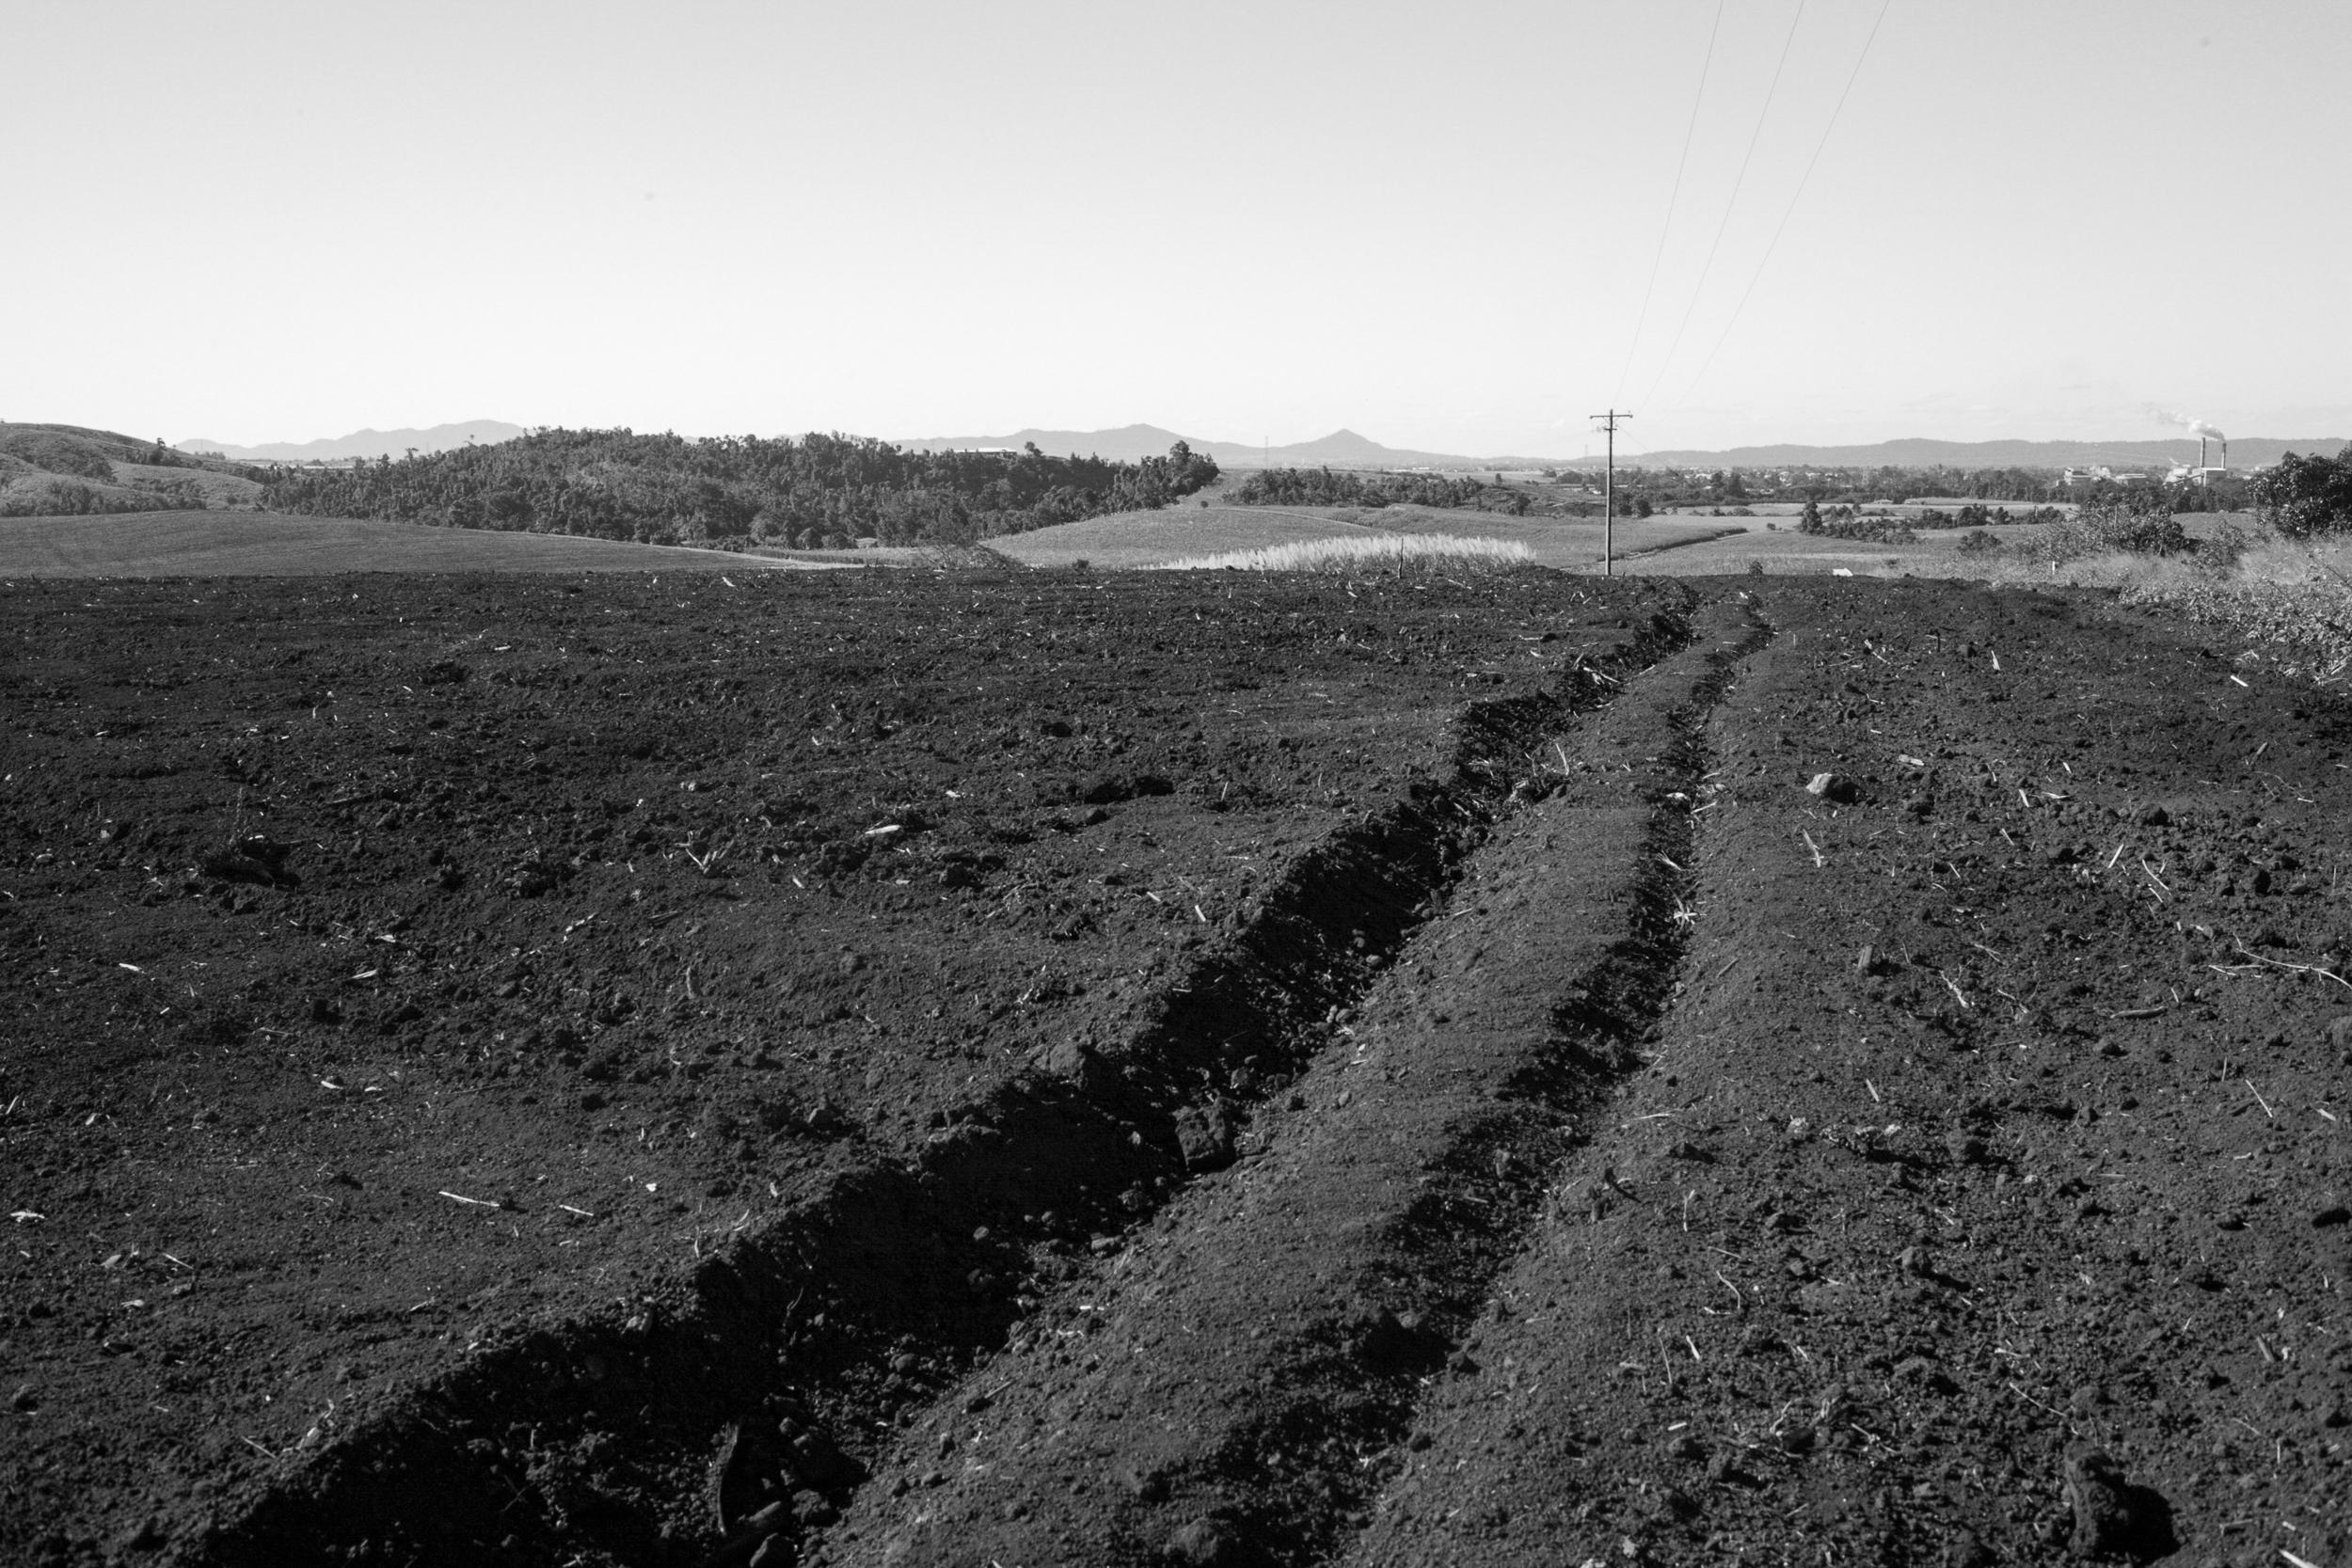 A empty field